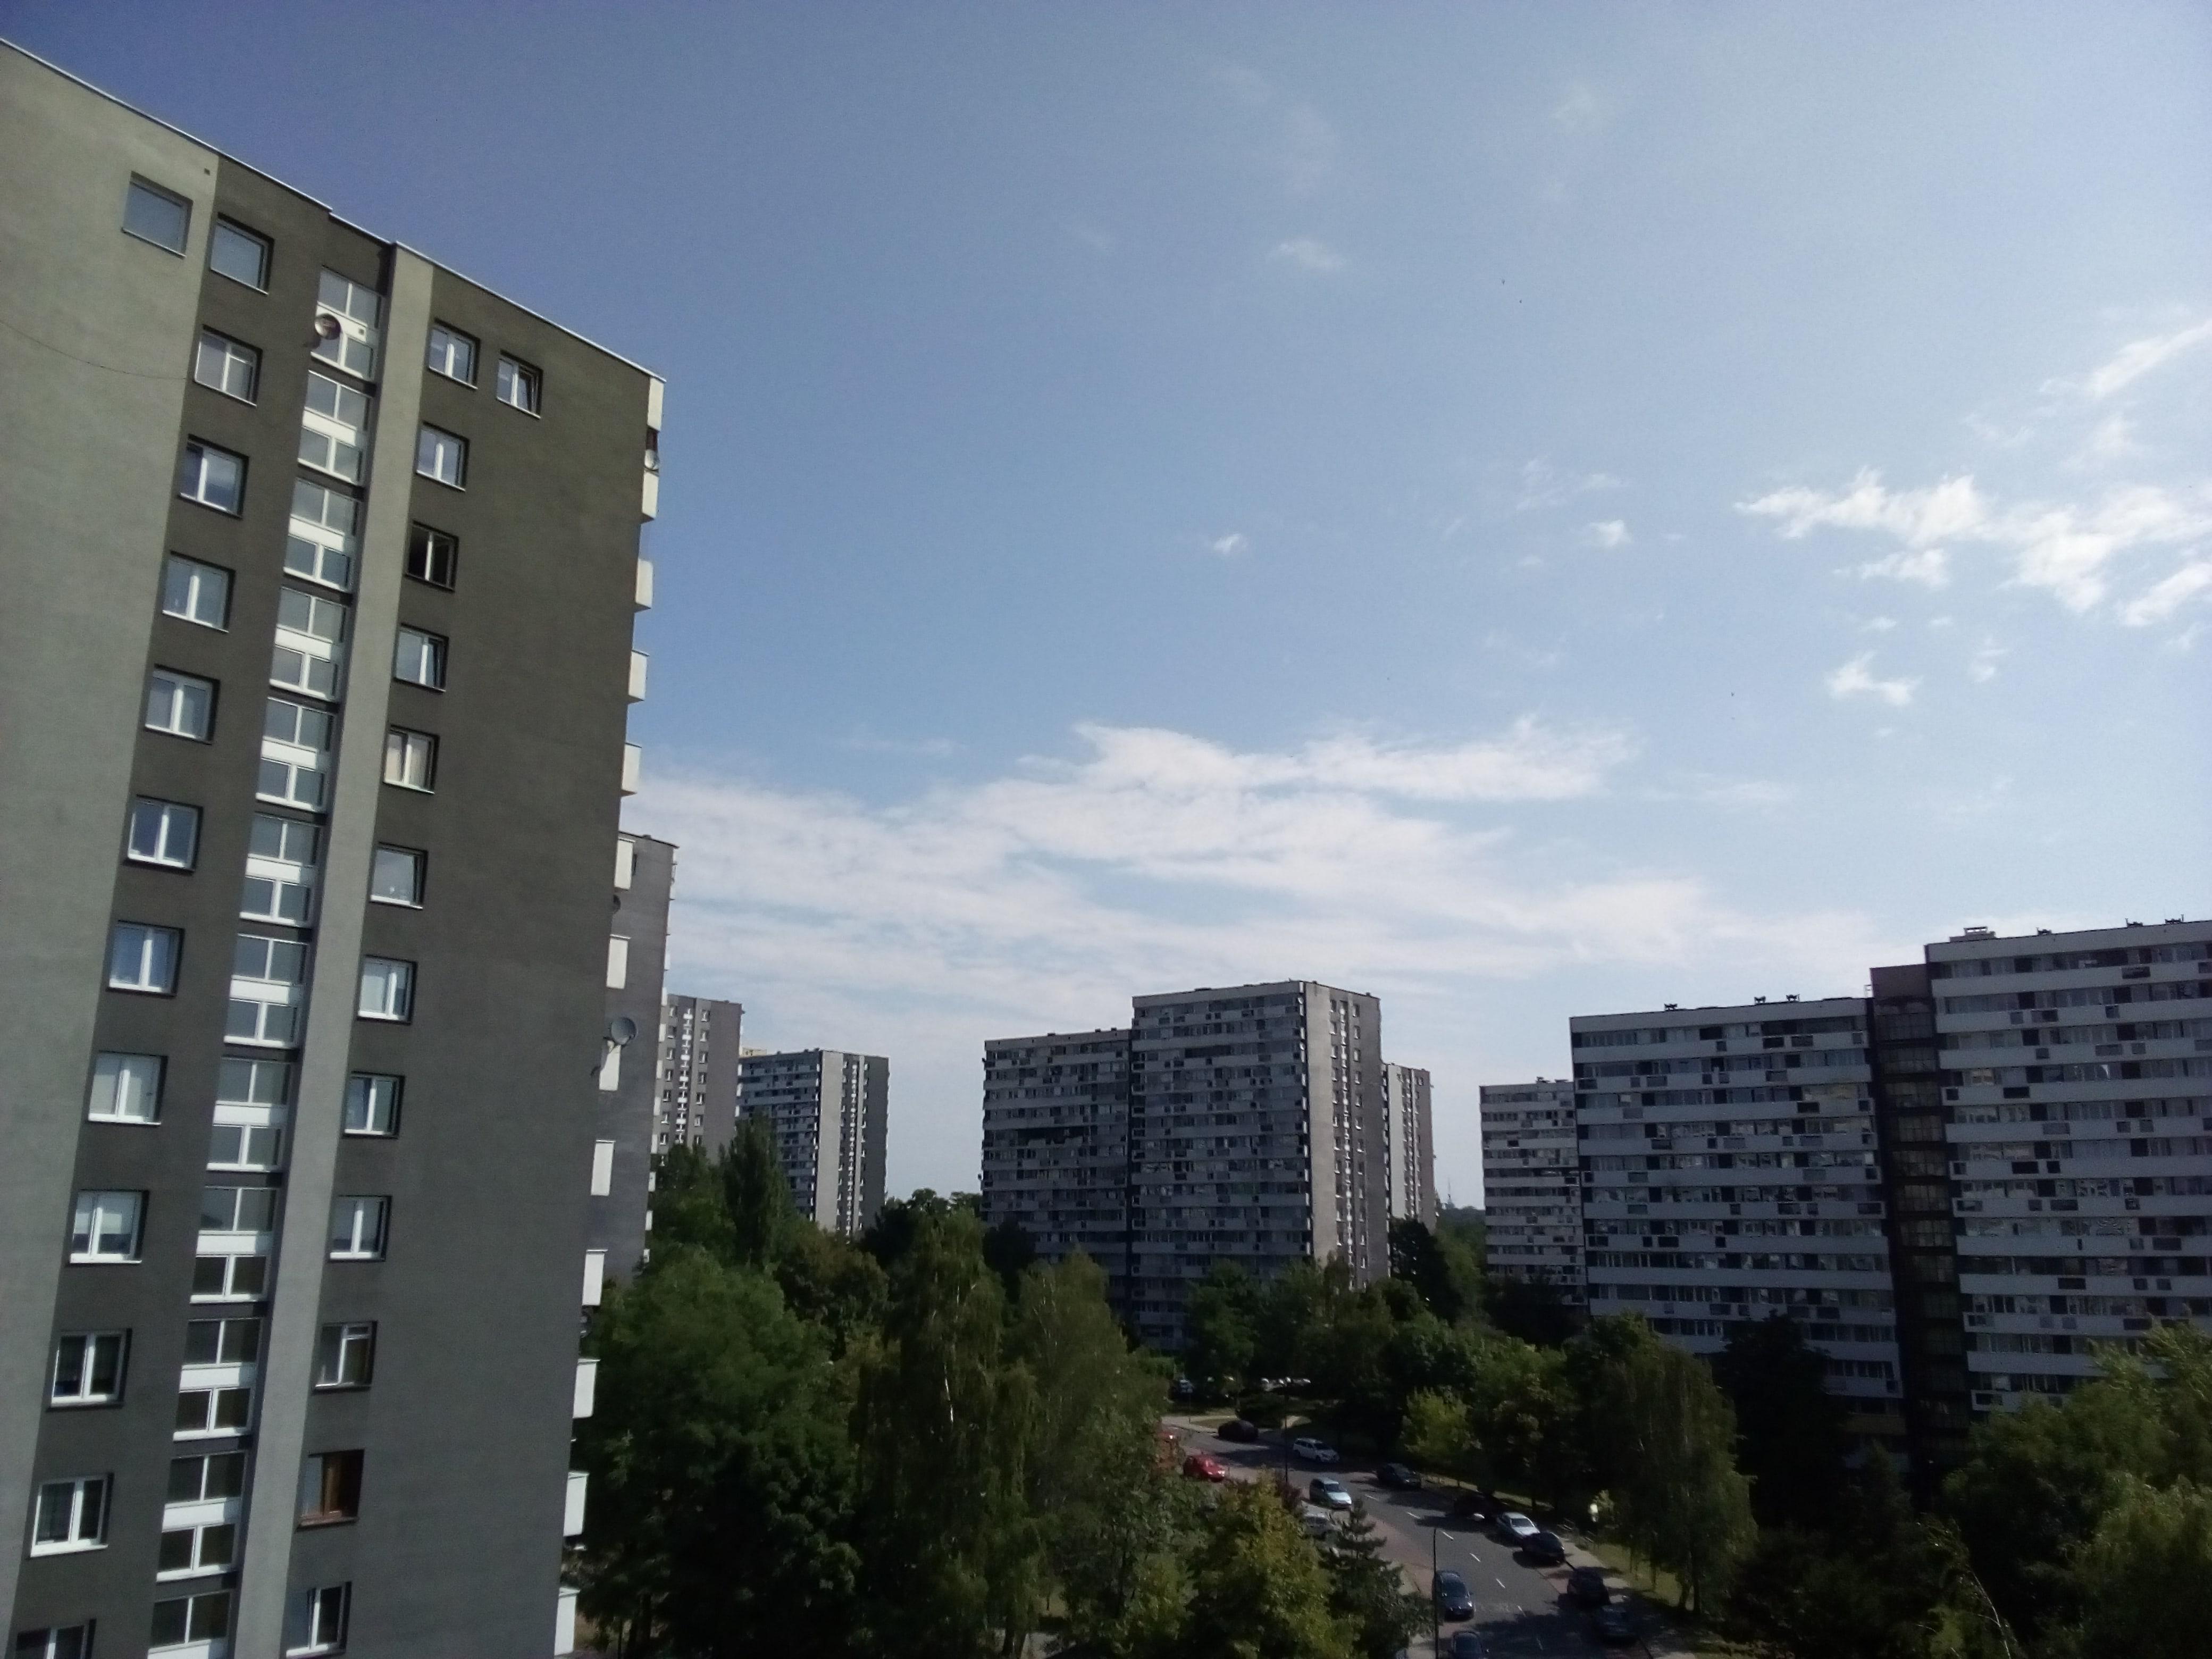 Słoneczna pogoda - ZTE Blade A602